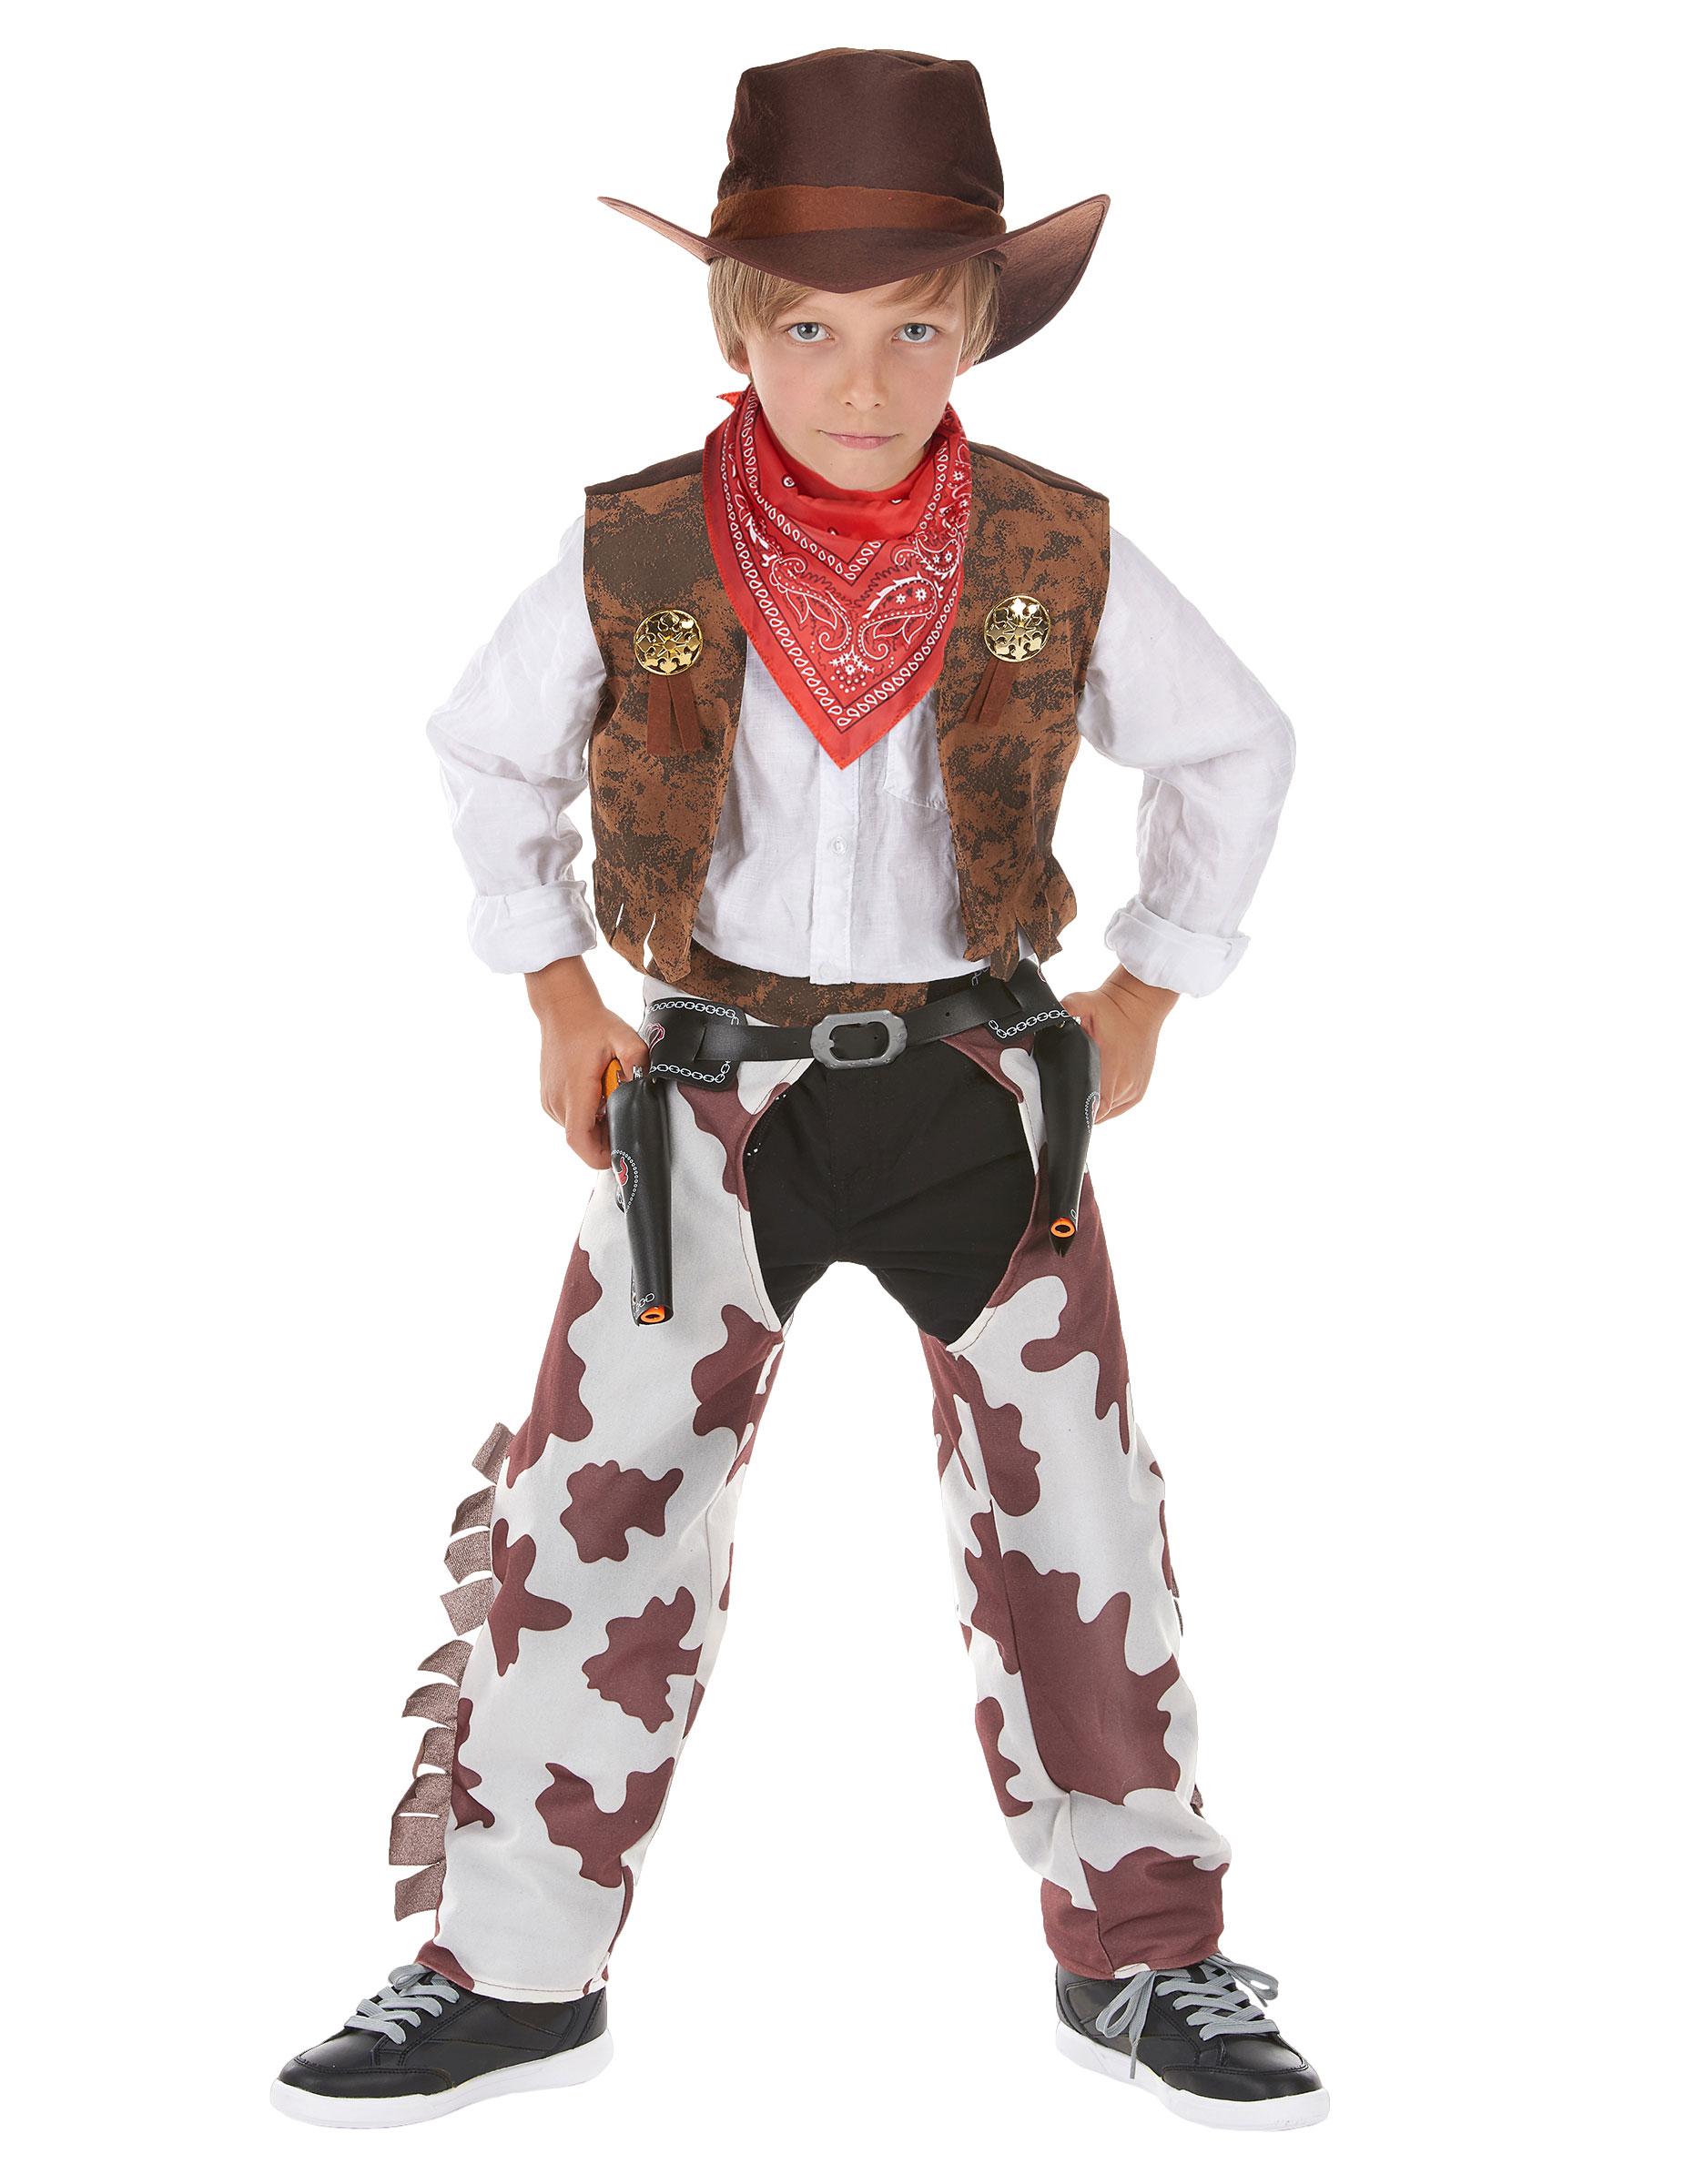 c1d72968d156 Costume cowboy temerario lusso bambino: Costumi bambini,e vestiti di ...